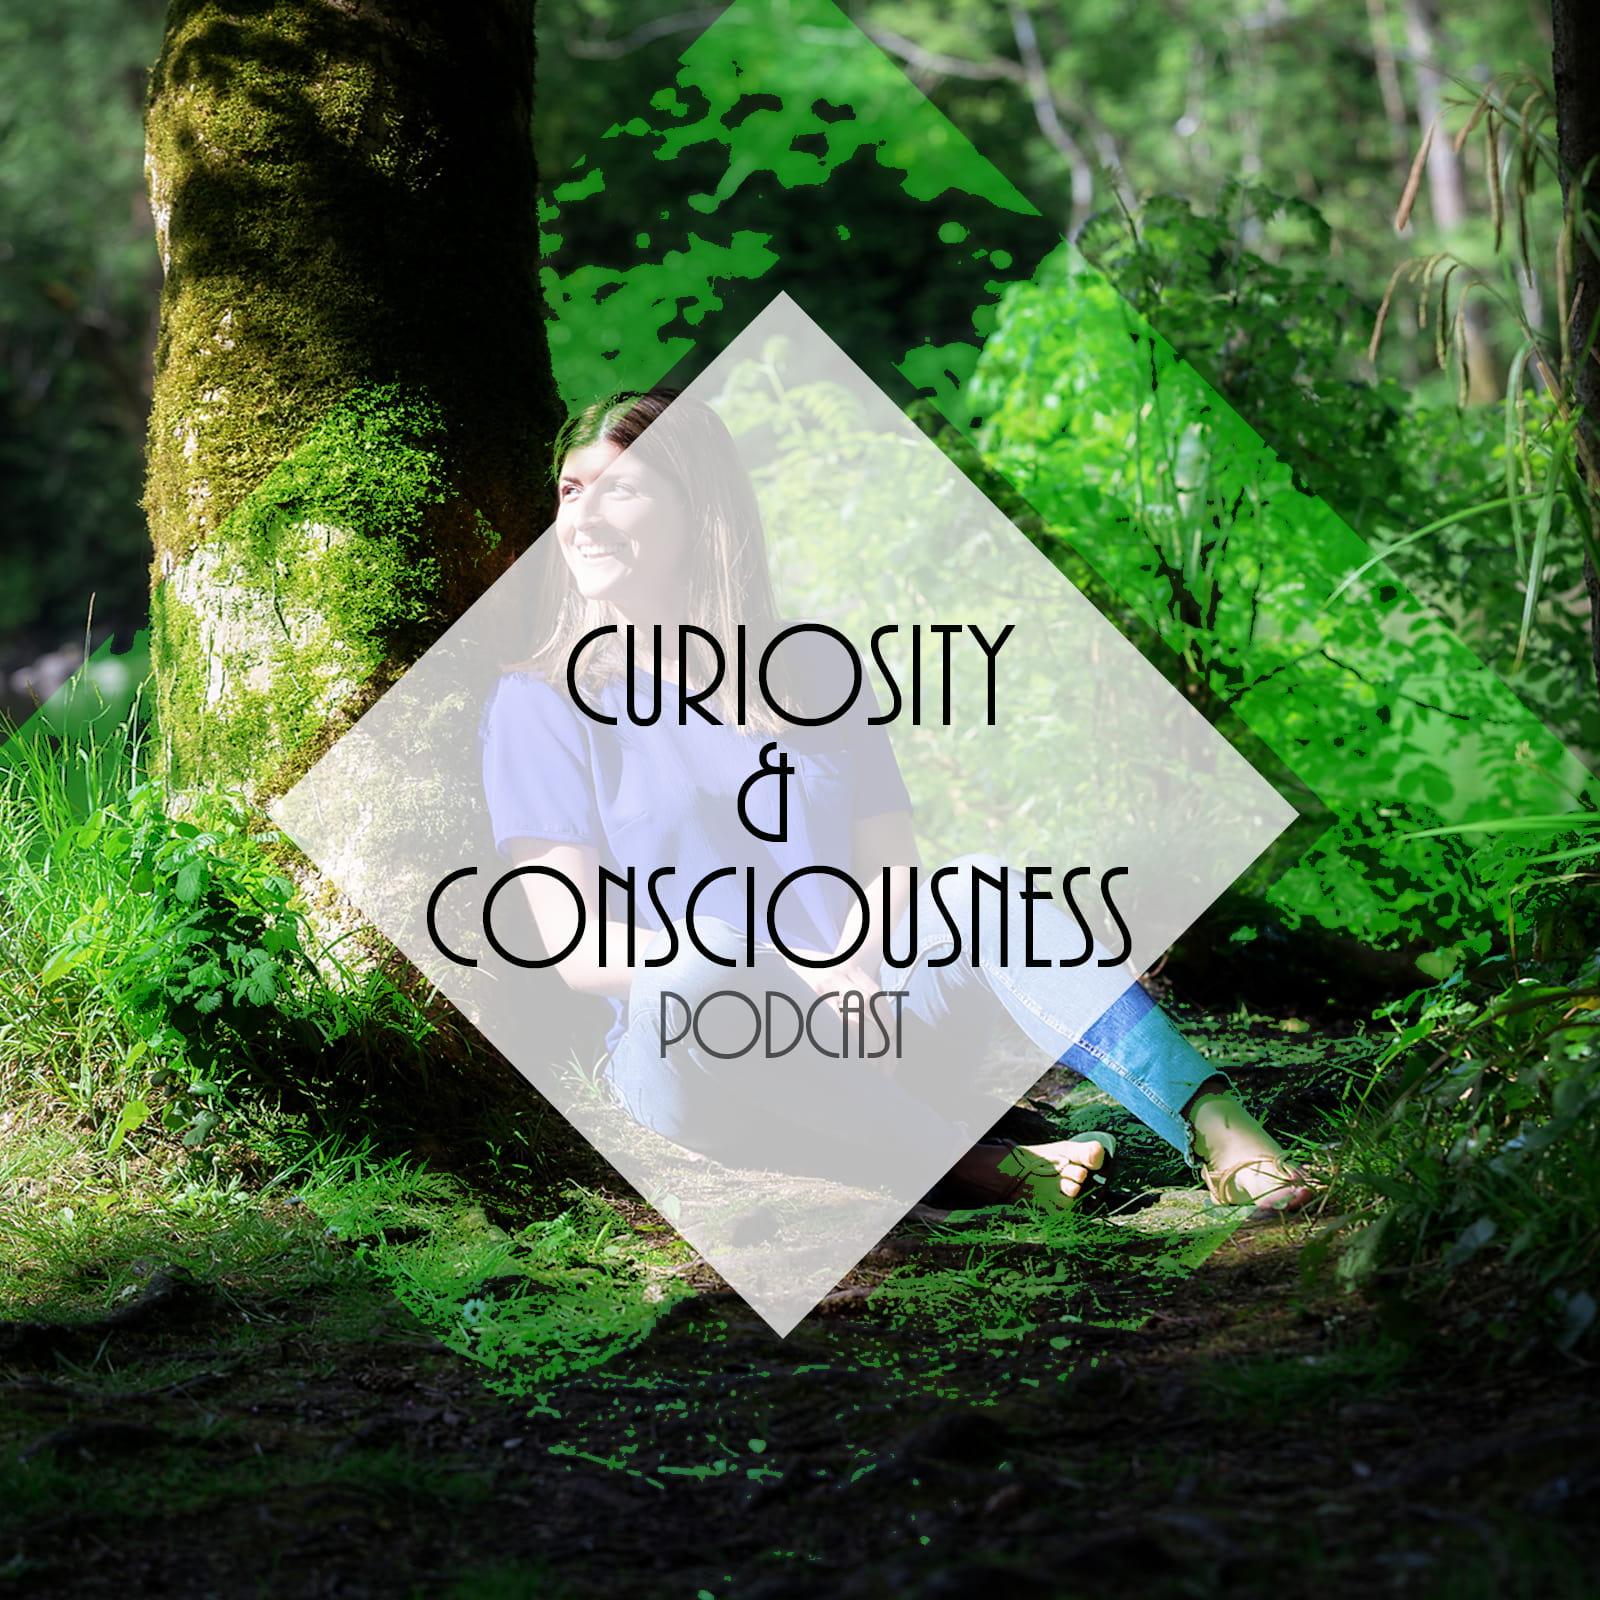 Curiosity & Consciousness Podcast show art